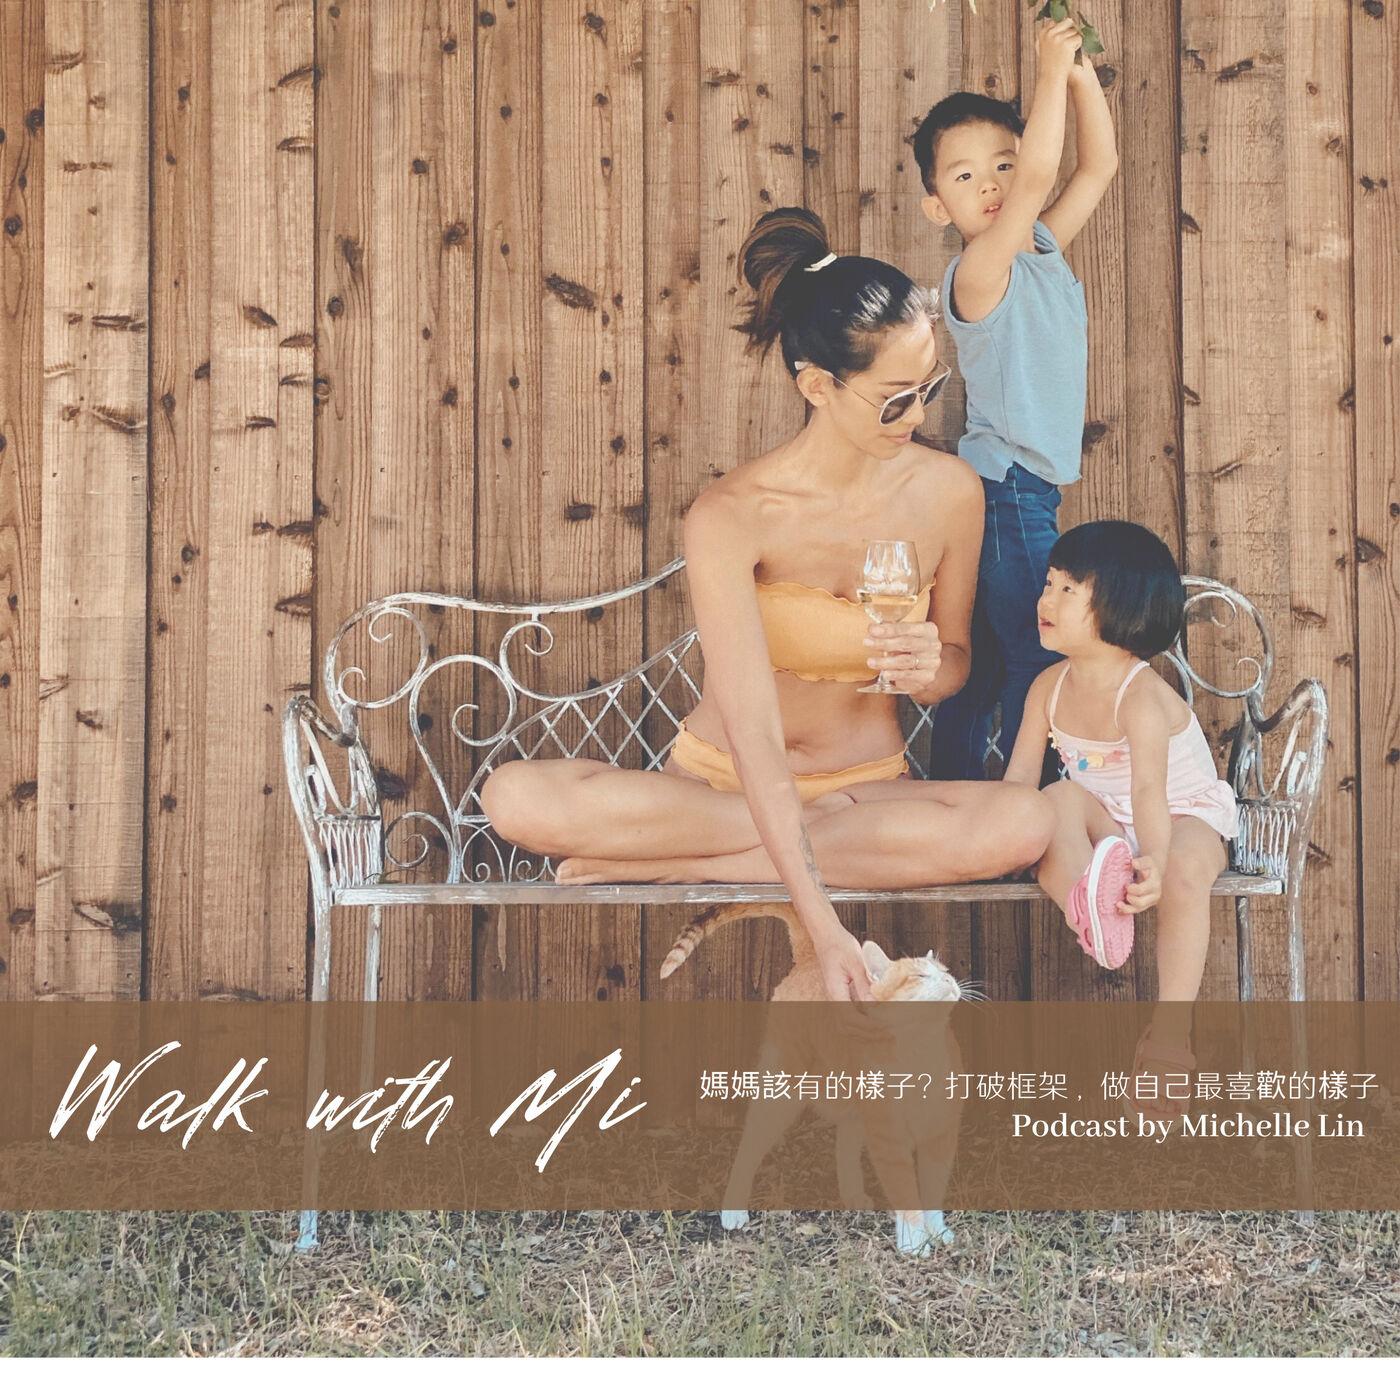 EP9 - 《女力播客串聯》媽媽該有的樣子? 打破框架,做自己最喜歡的樣子